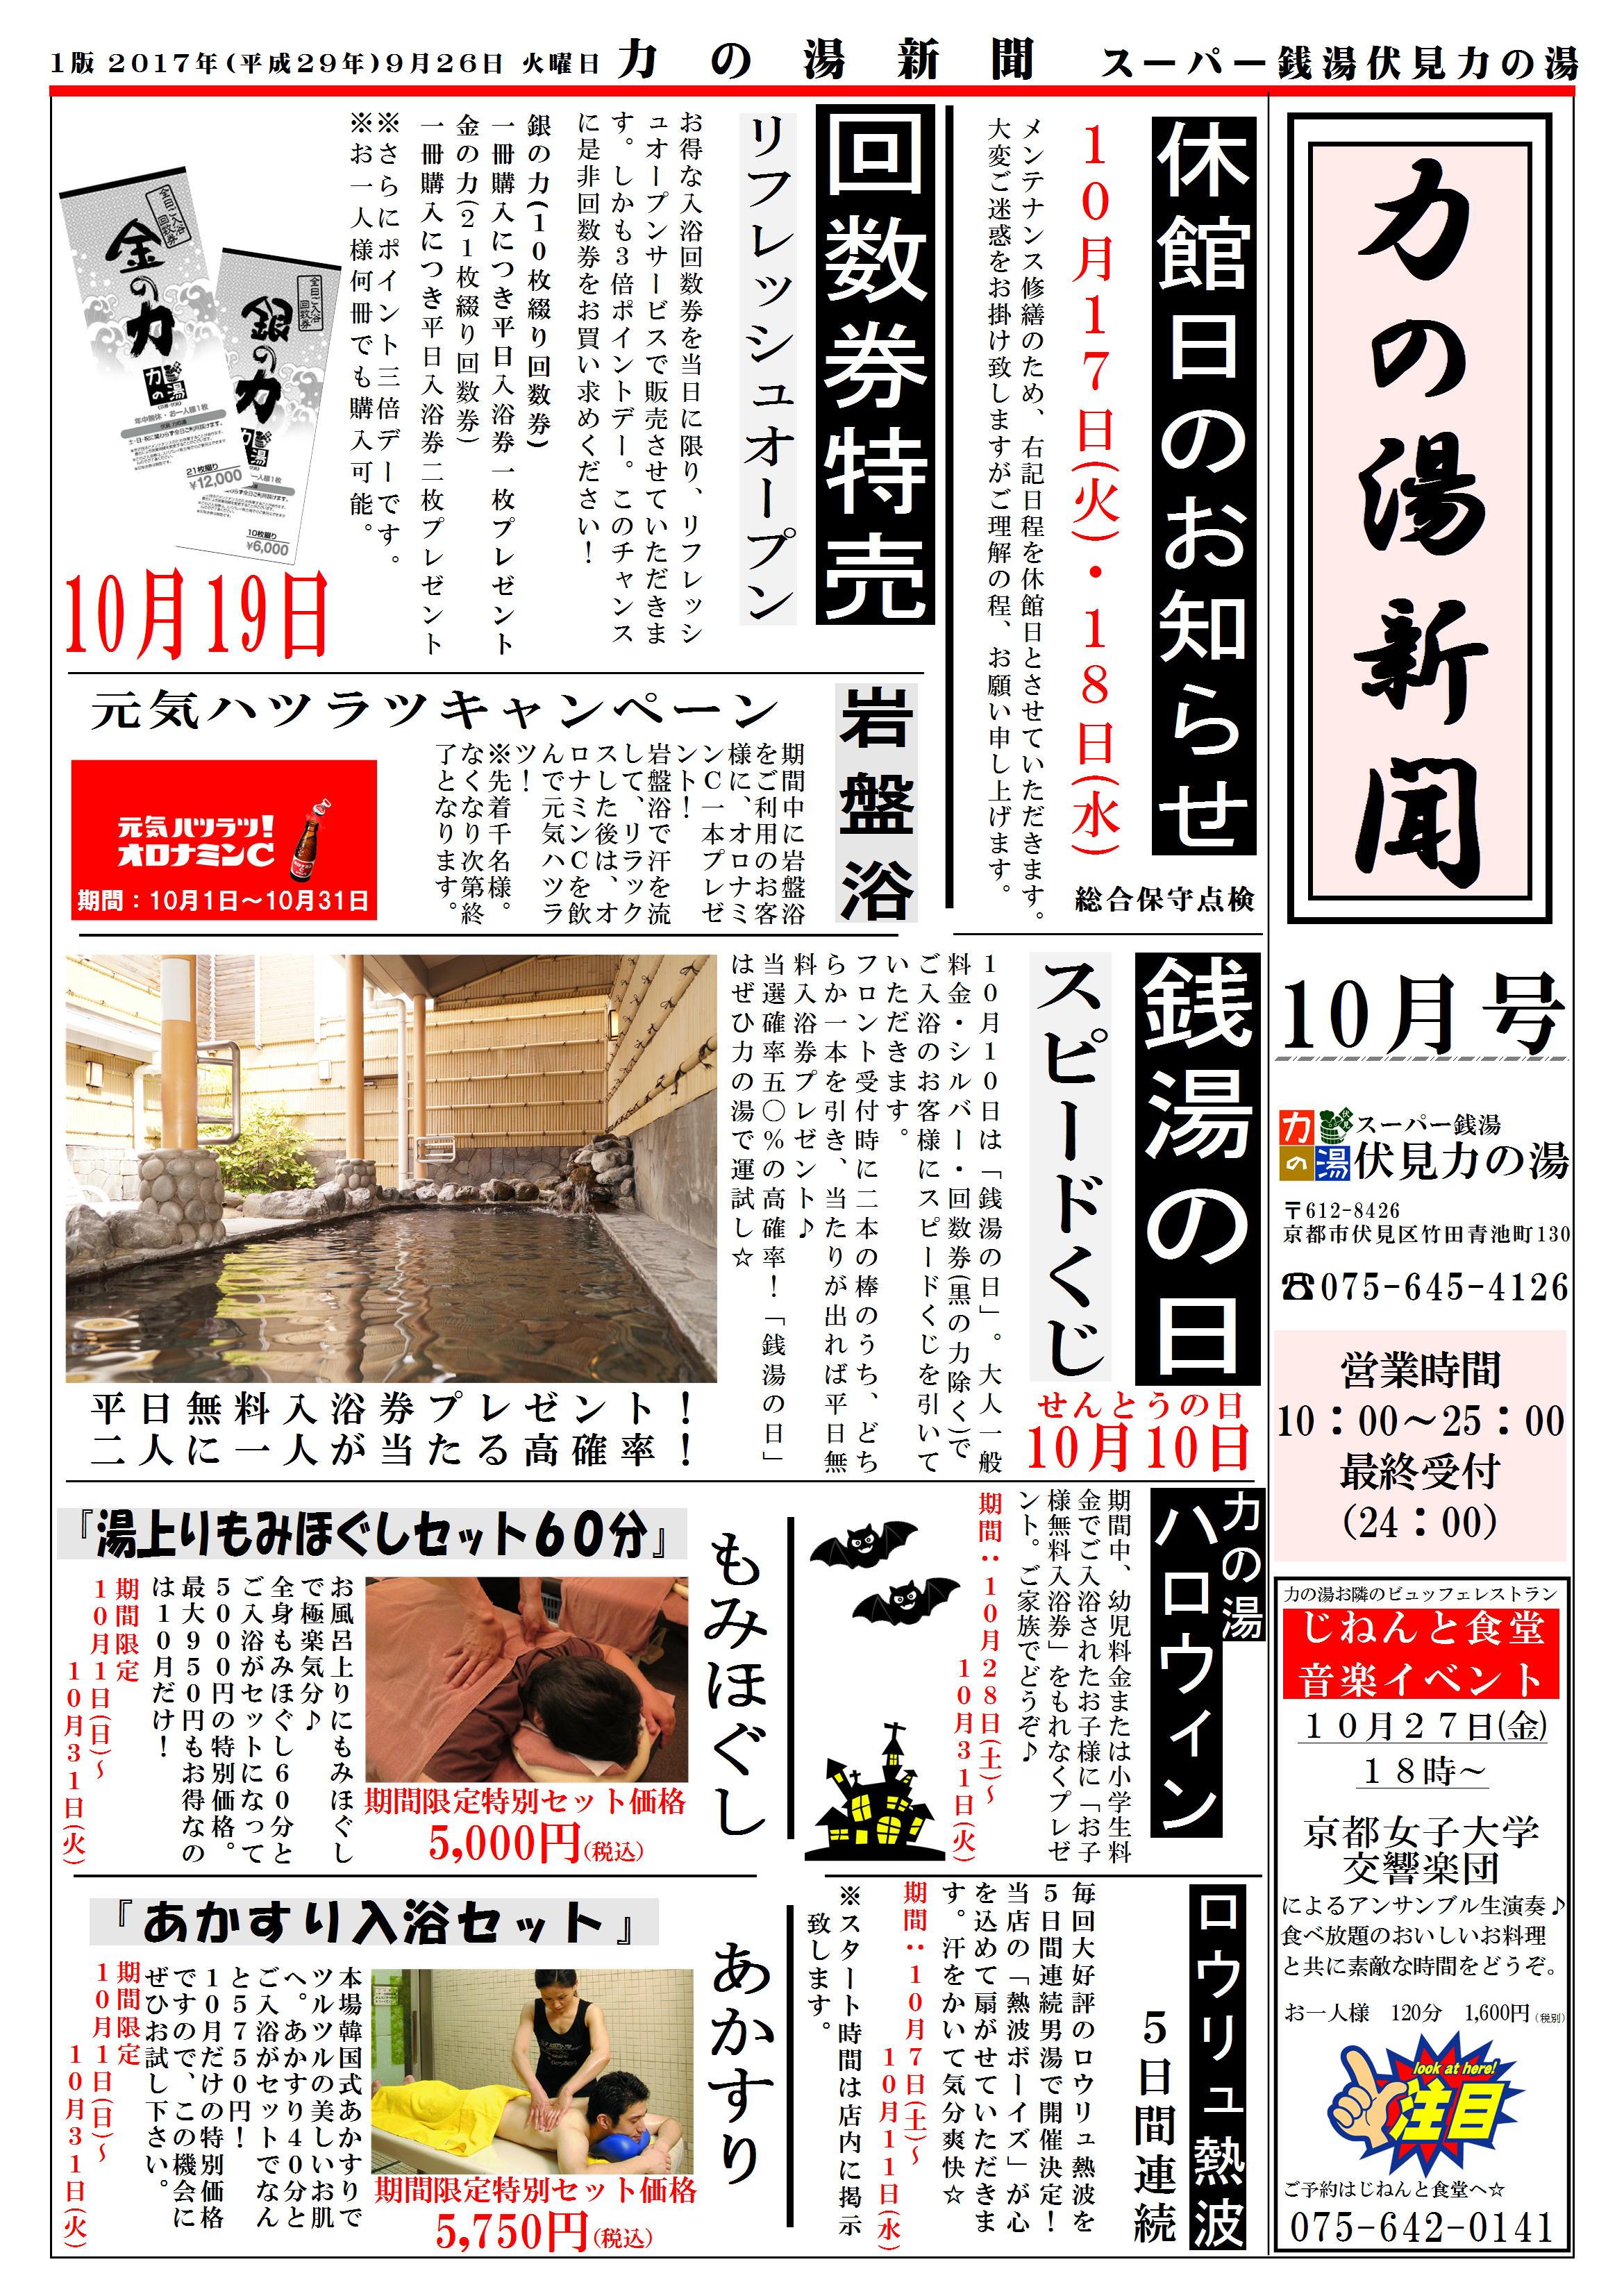 10月 力の湯ニュース